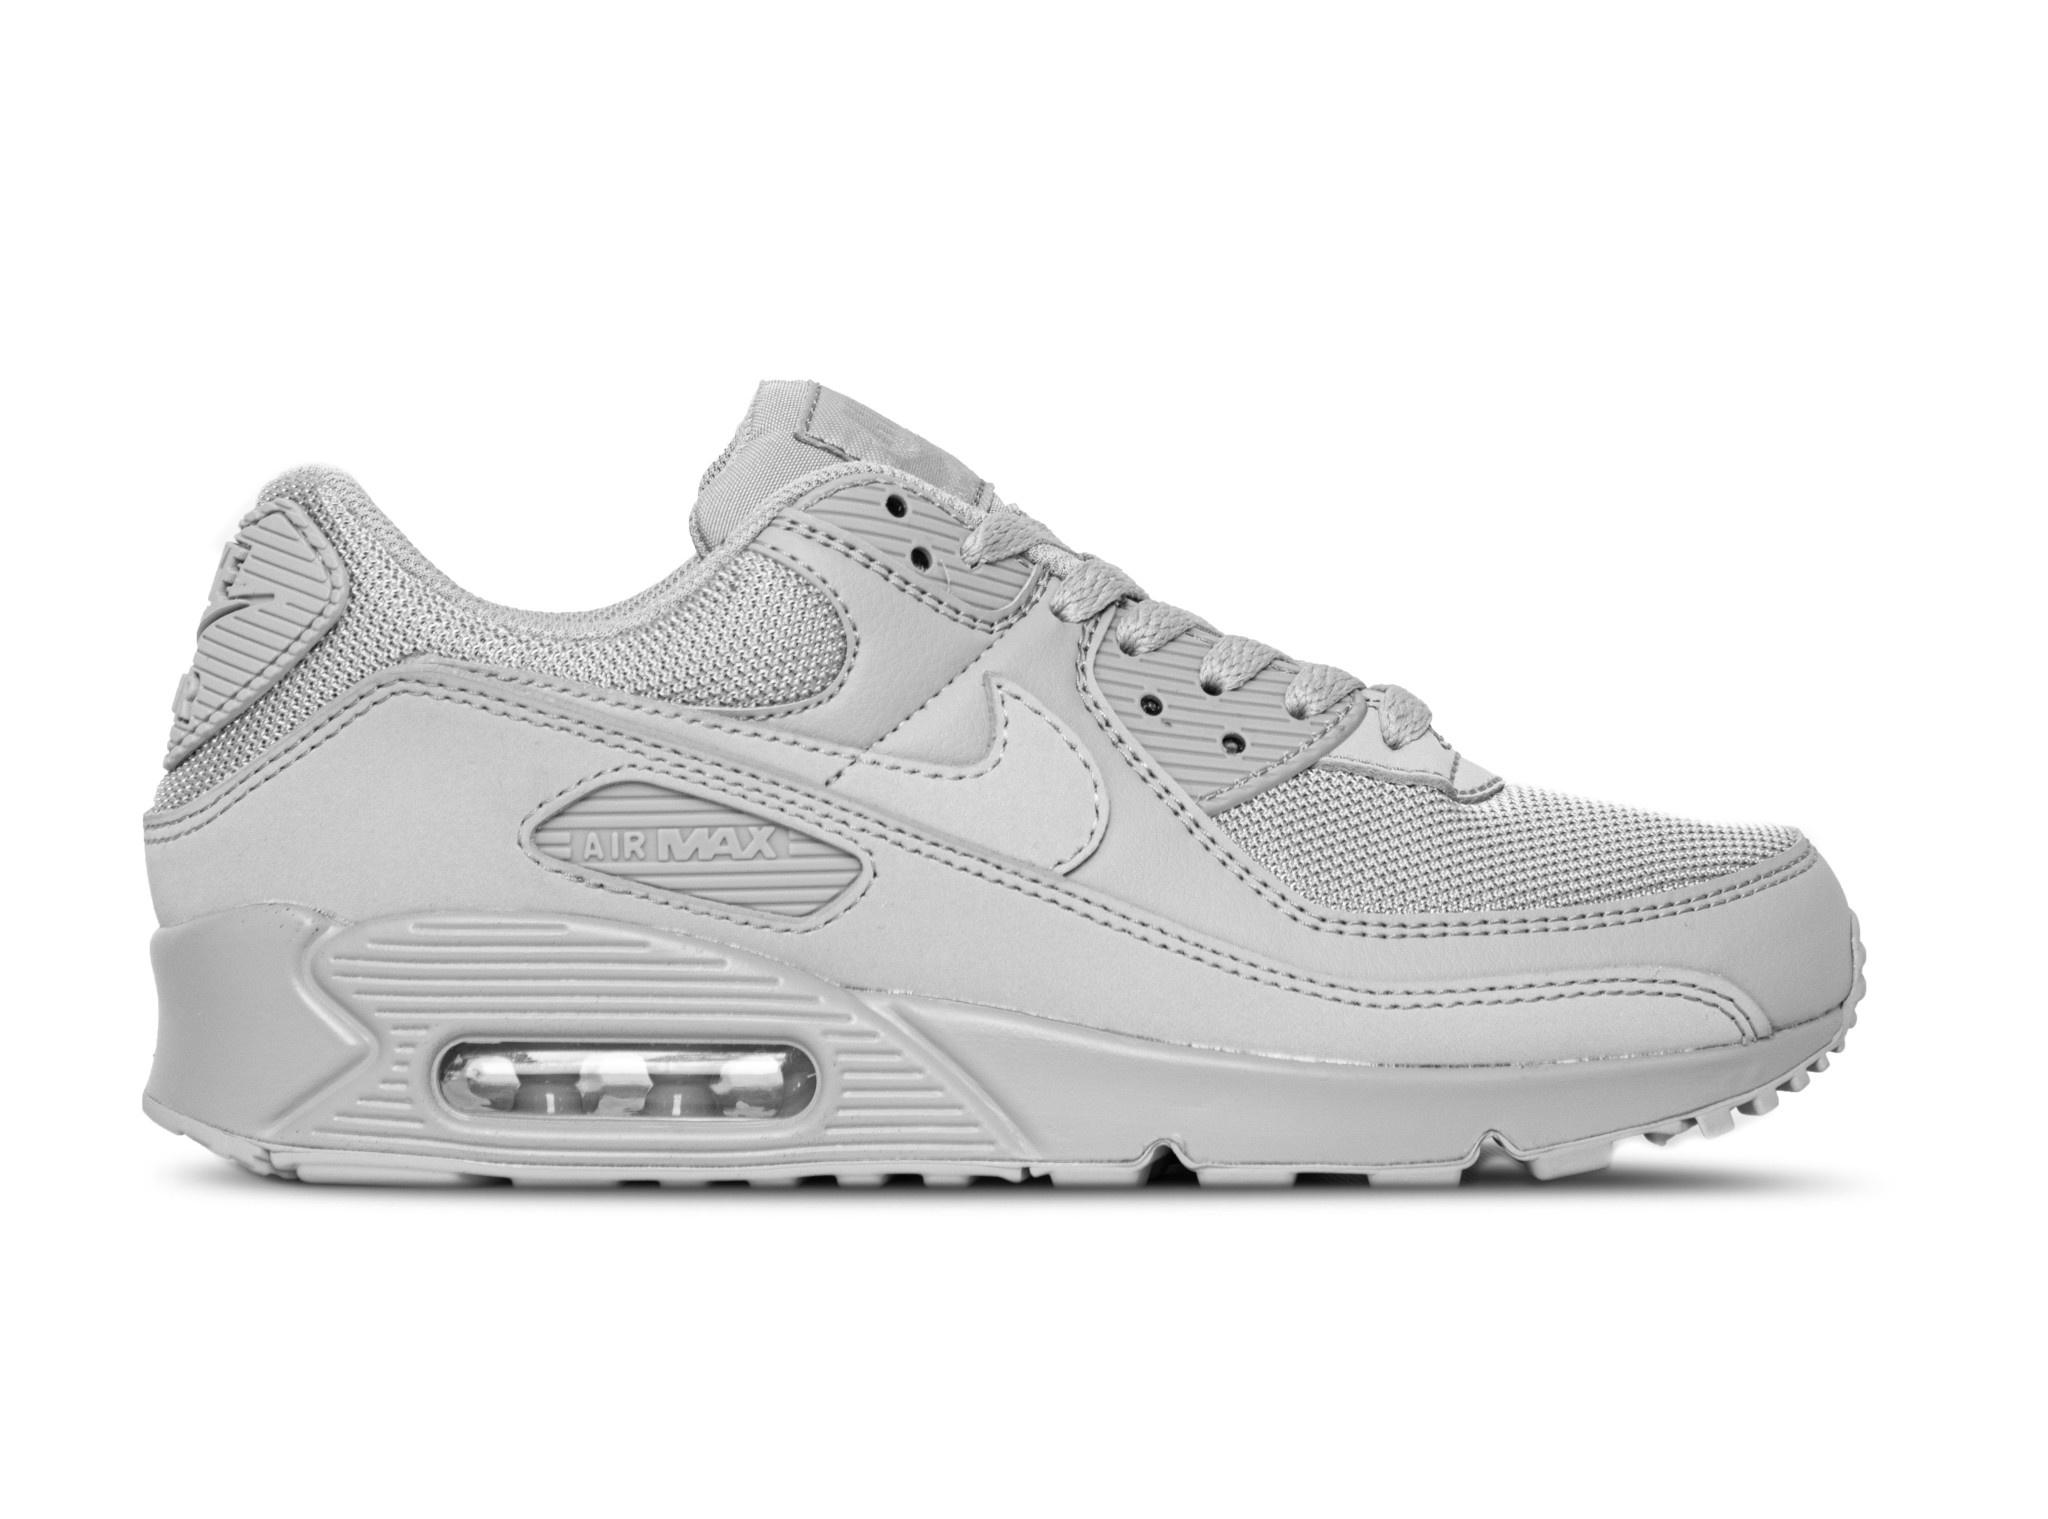 Nike Air Max 90 Wolf Grey Grey Black